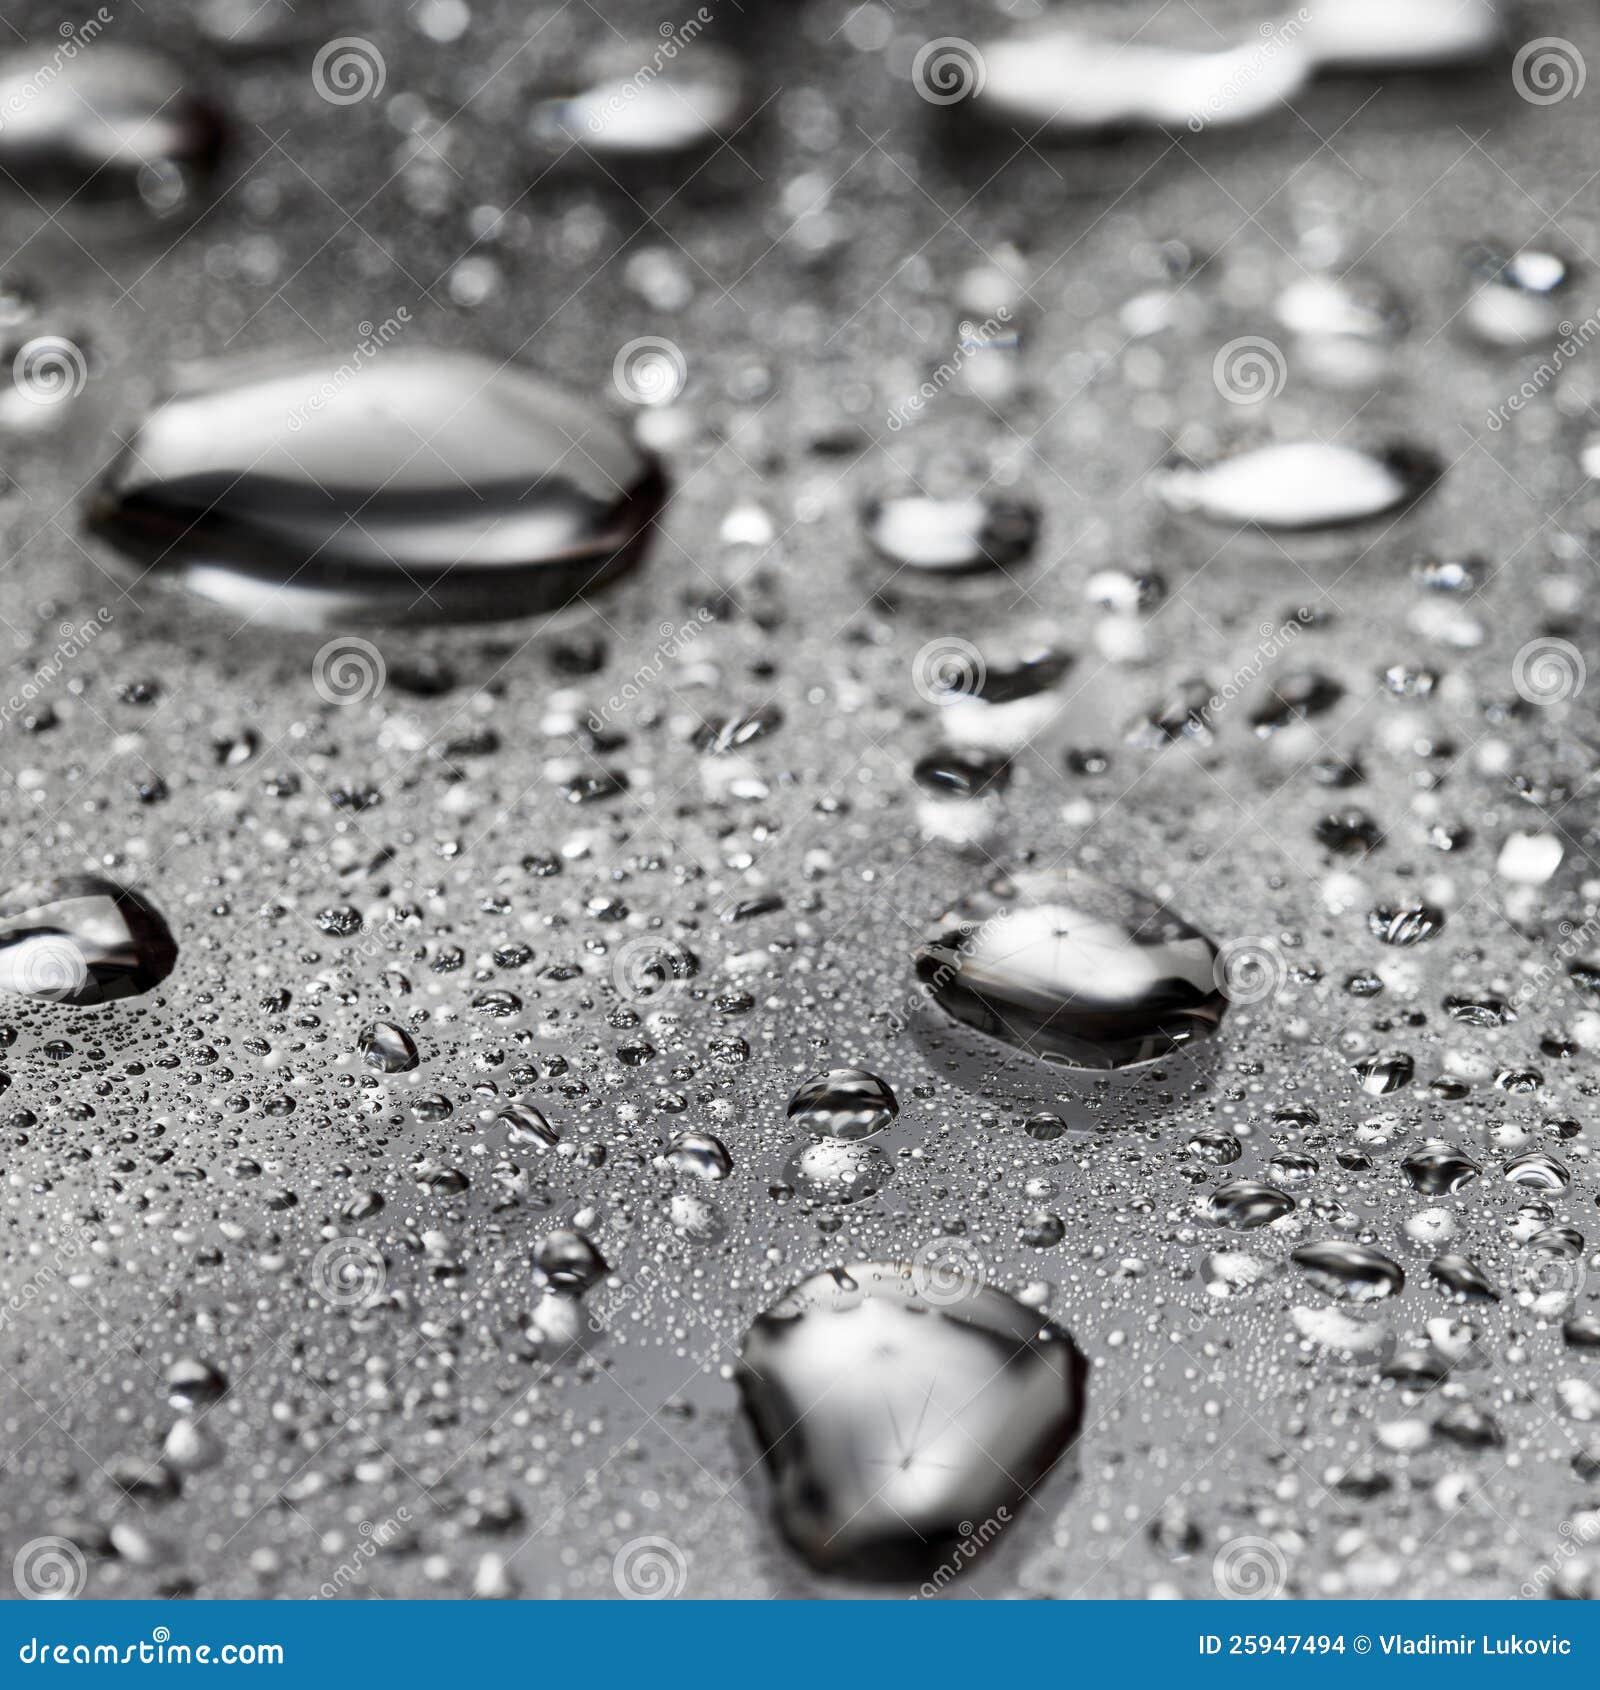 liquid wallpaper iphone x